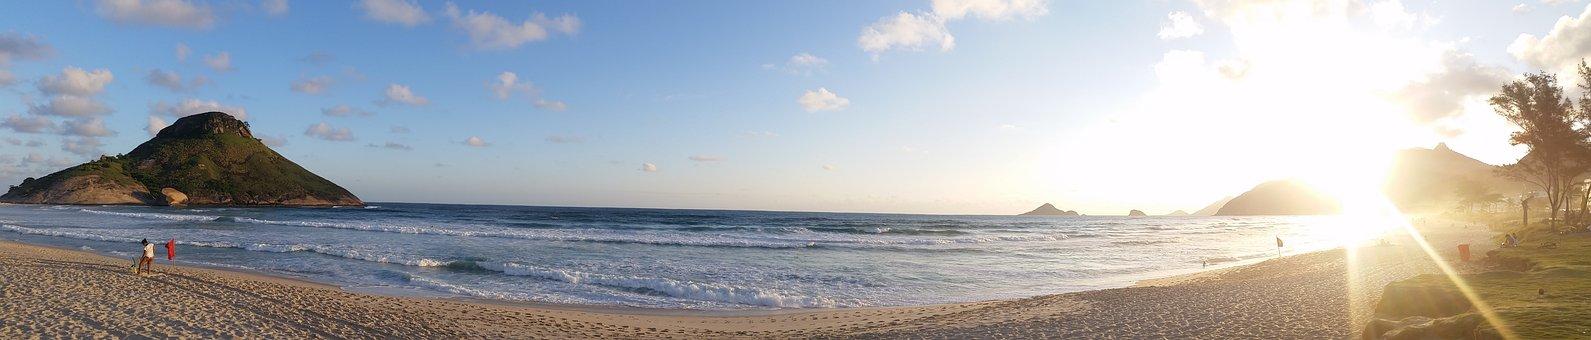 Praia Da Macumba, Beach, Sunset